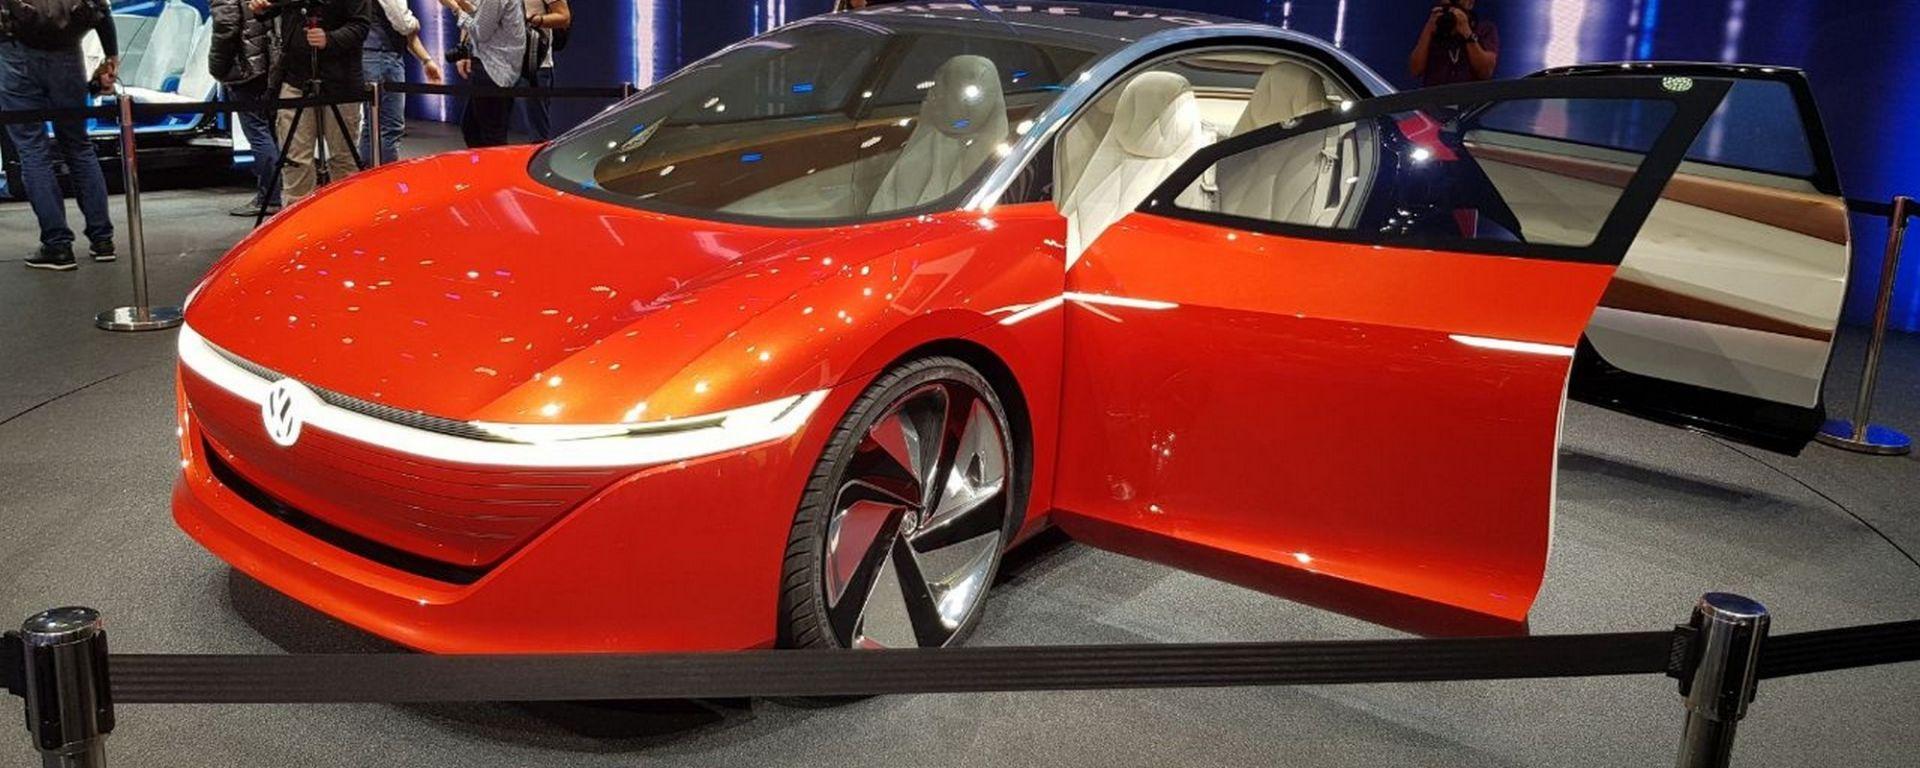 Volkswagen I.D. Vizzion Concept: in video dal Salone di Ginevra 2018